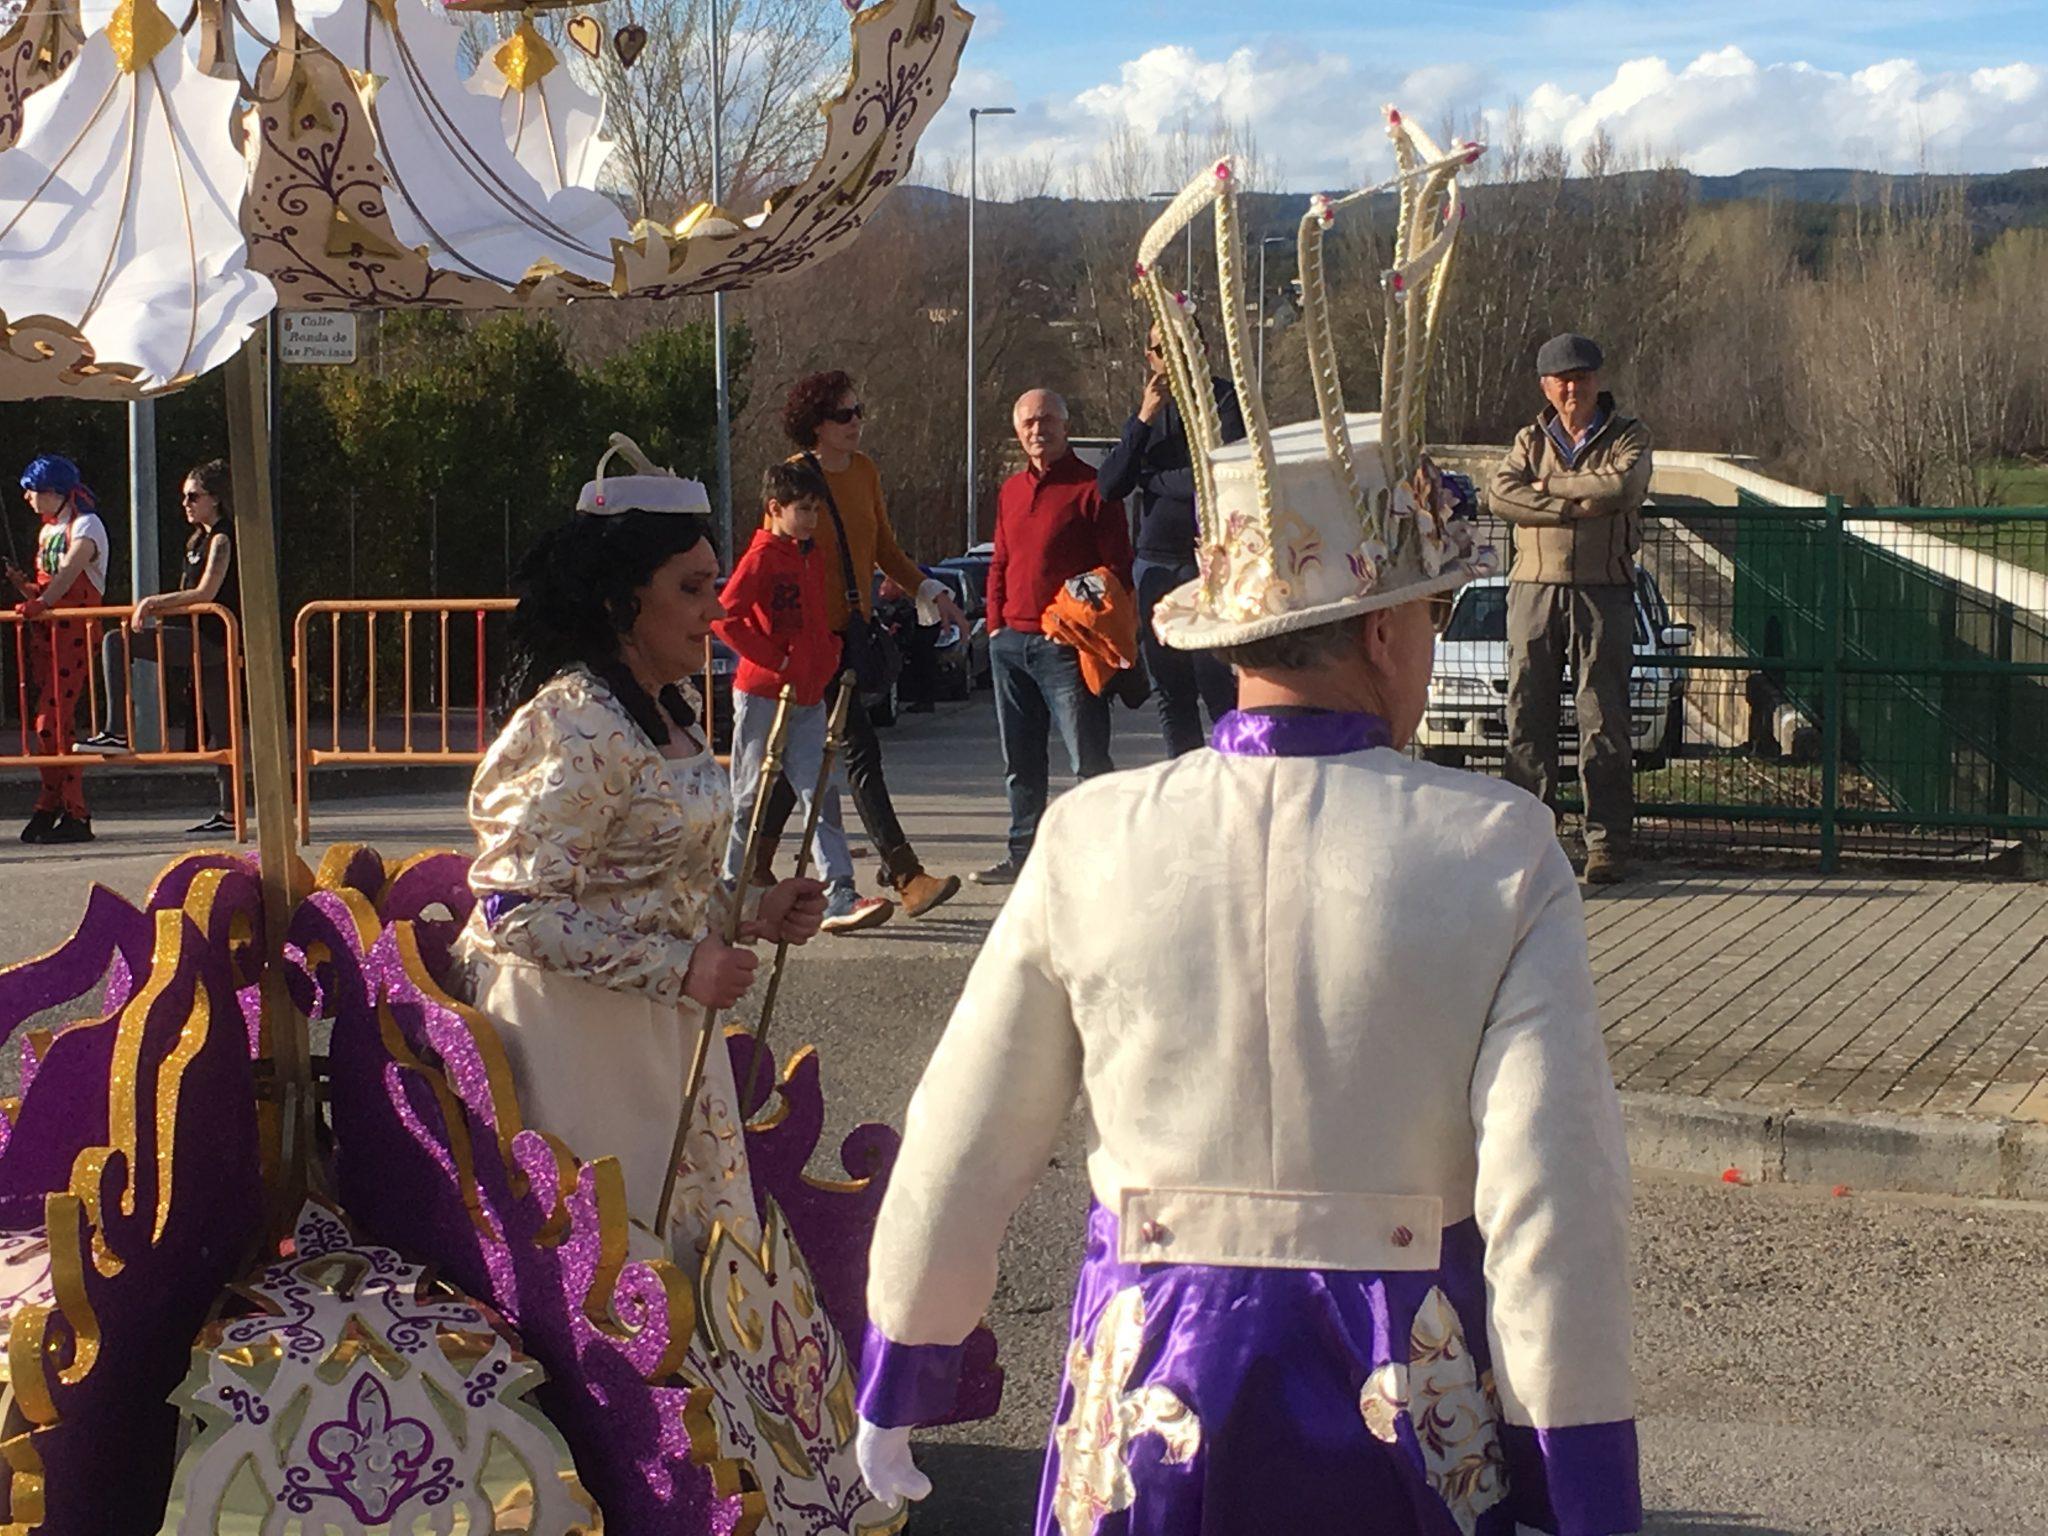 Desfile de Carnaval Cubillos del Sil 2019 - Álbum de fotos 37